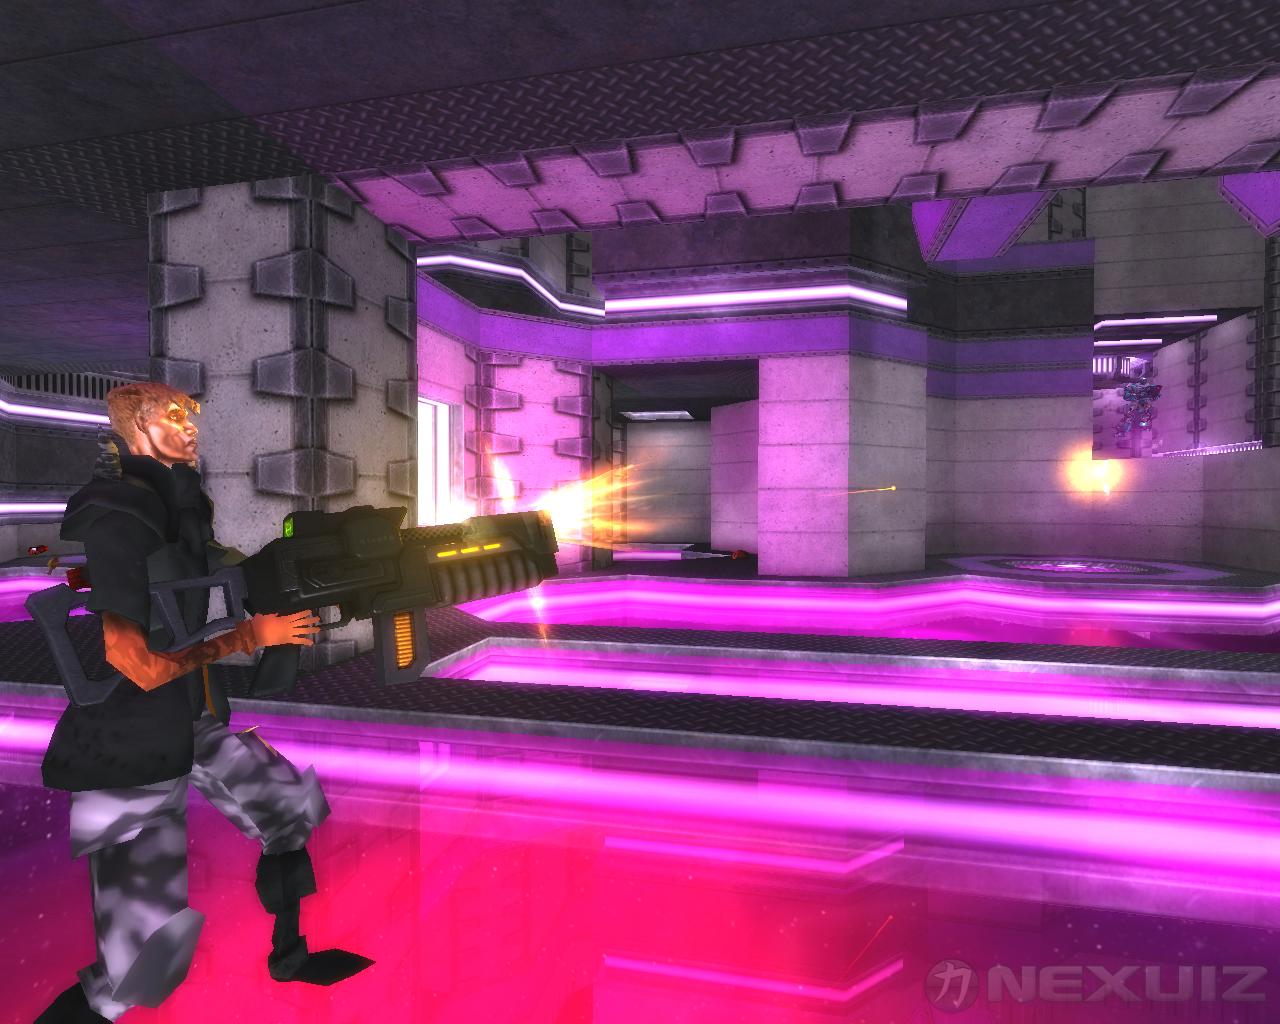 Nexuiz_screenshot_09.jpg